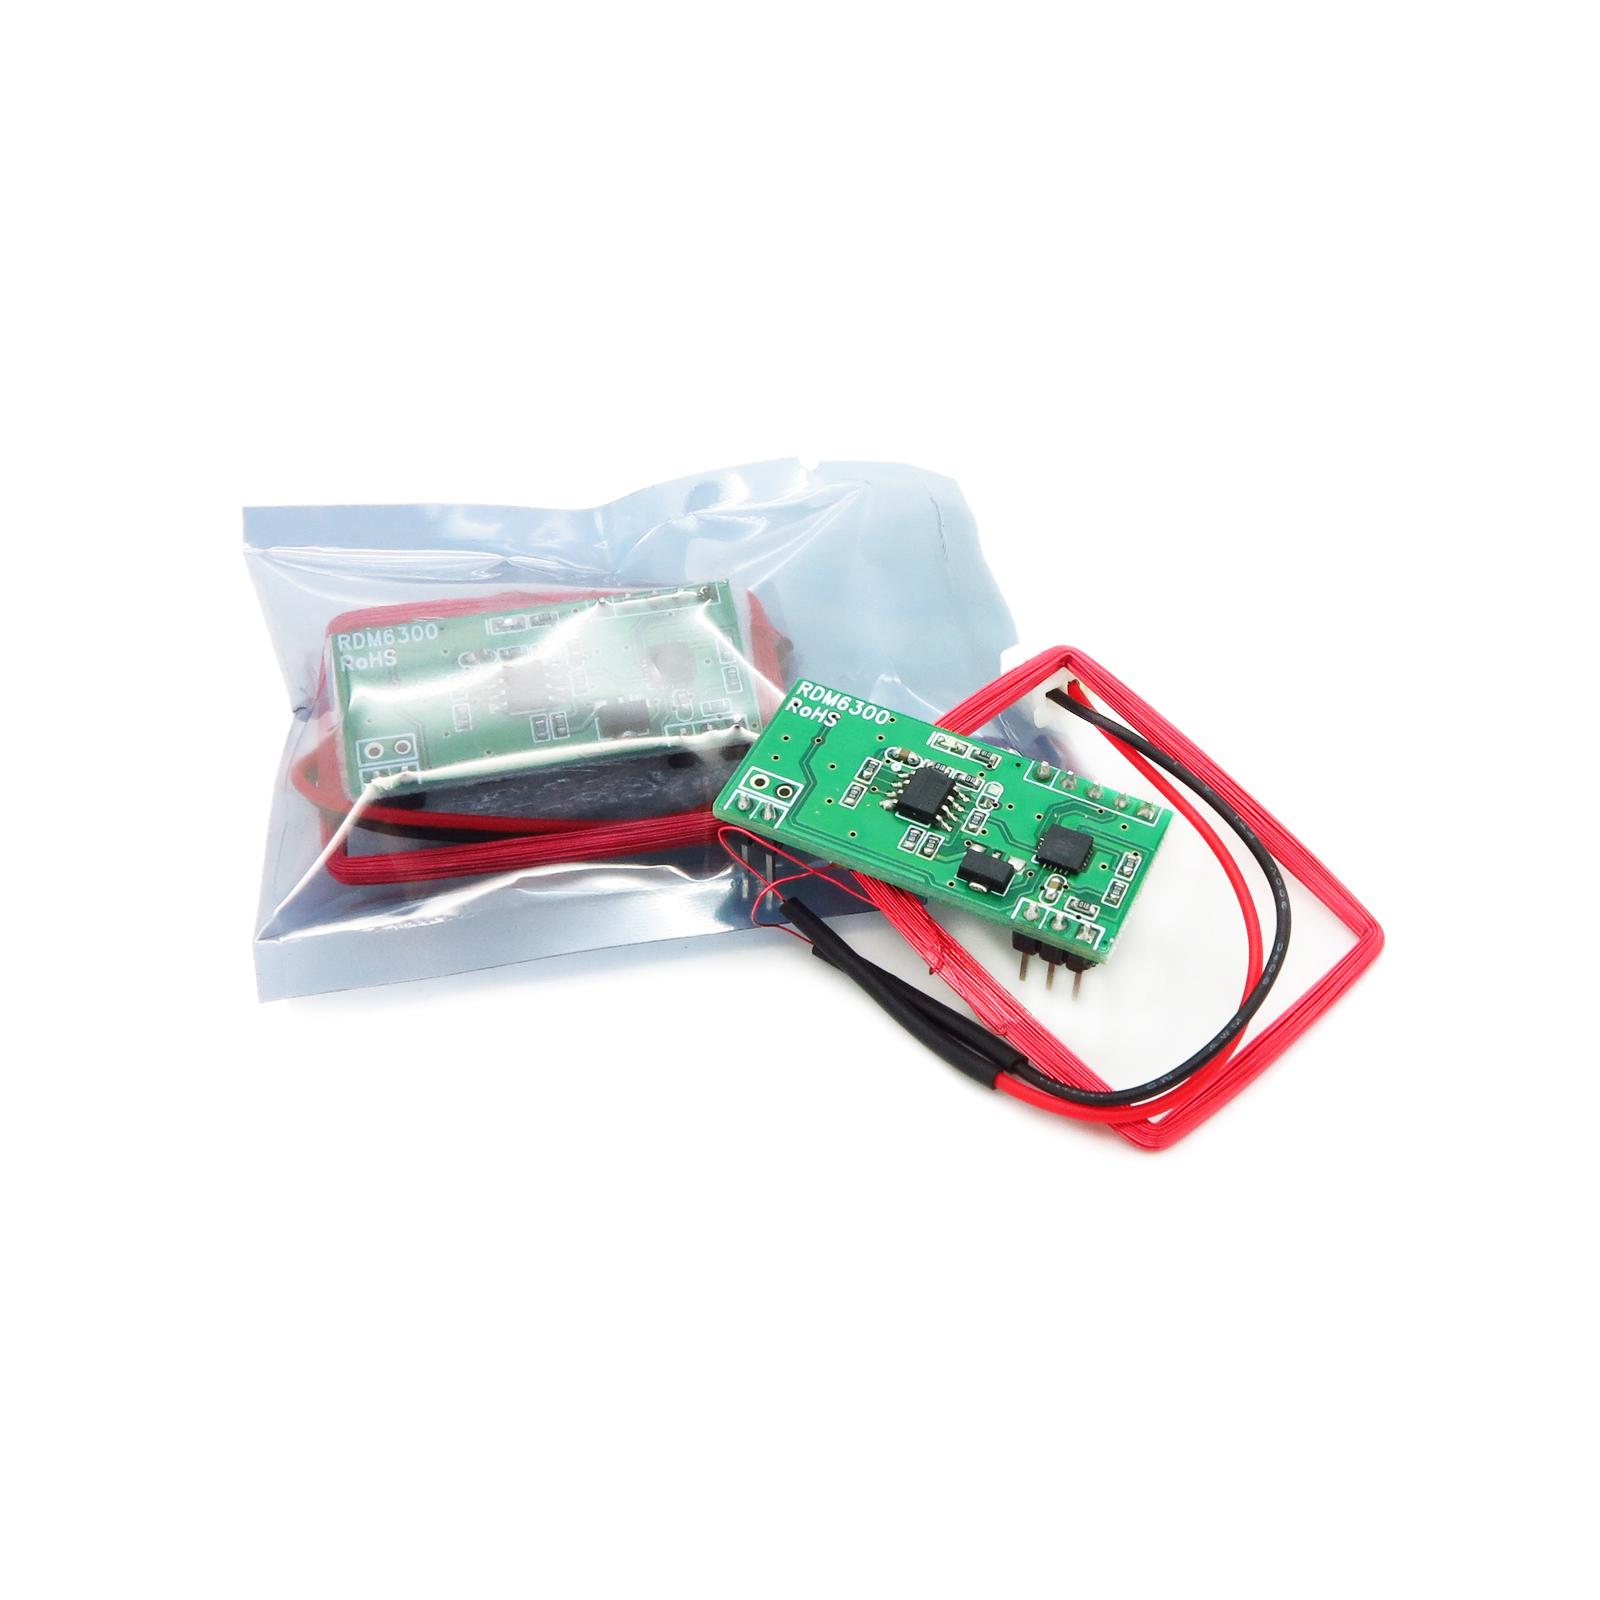 RDM6300 125KHz Cardreader Mini-Module